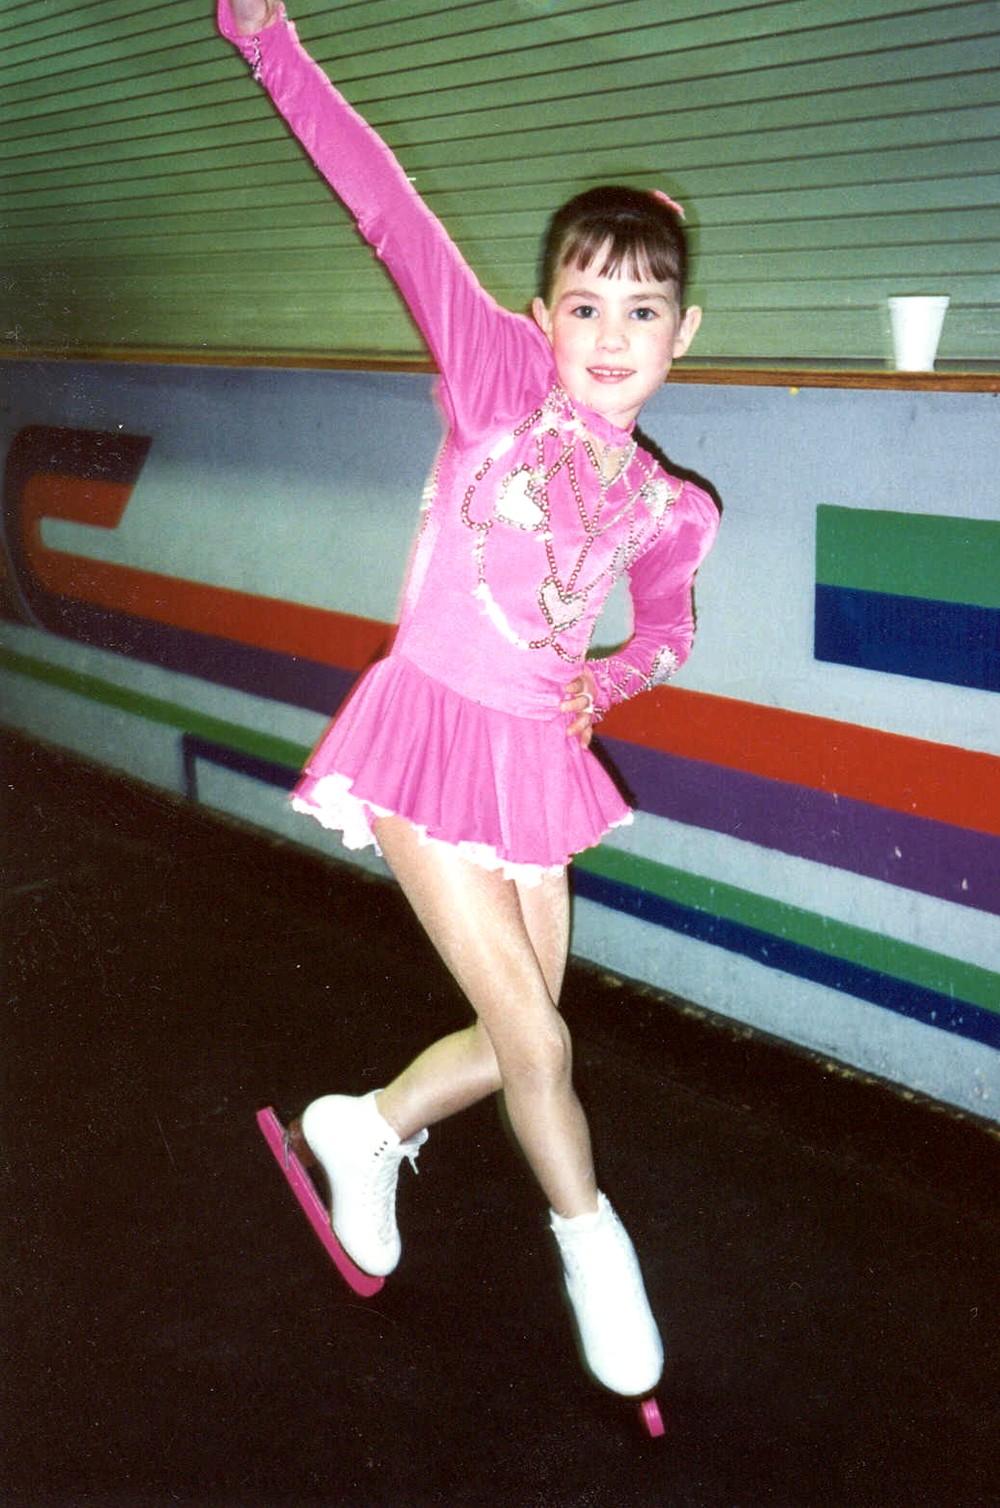 Kristin Cowan at age 7